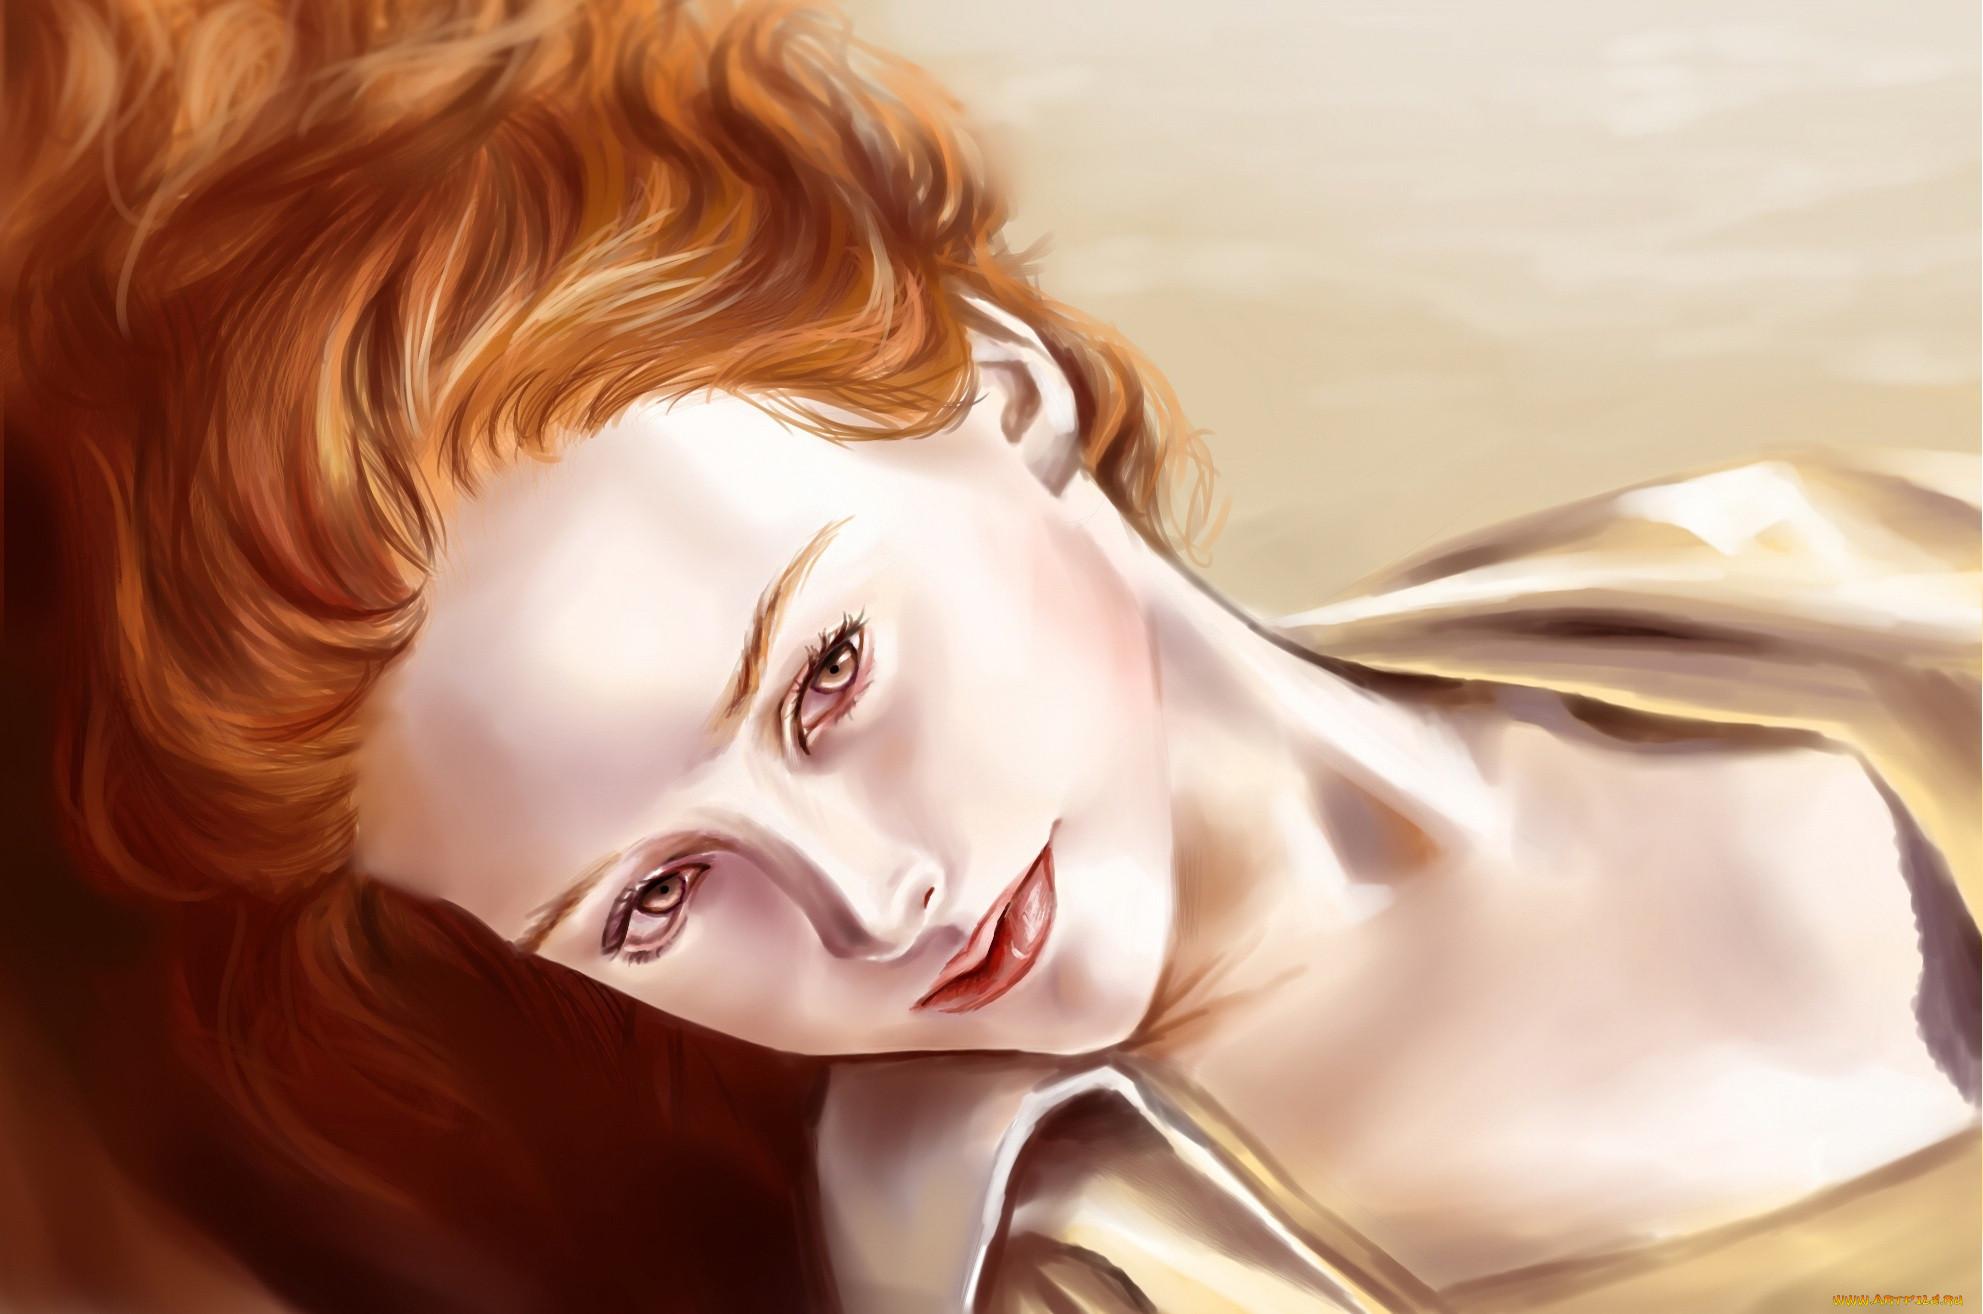 Рыжие волосы картинки рисованные